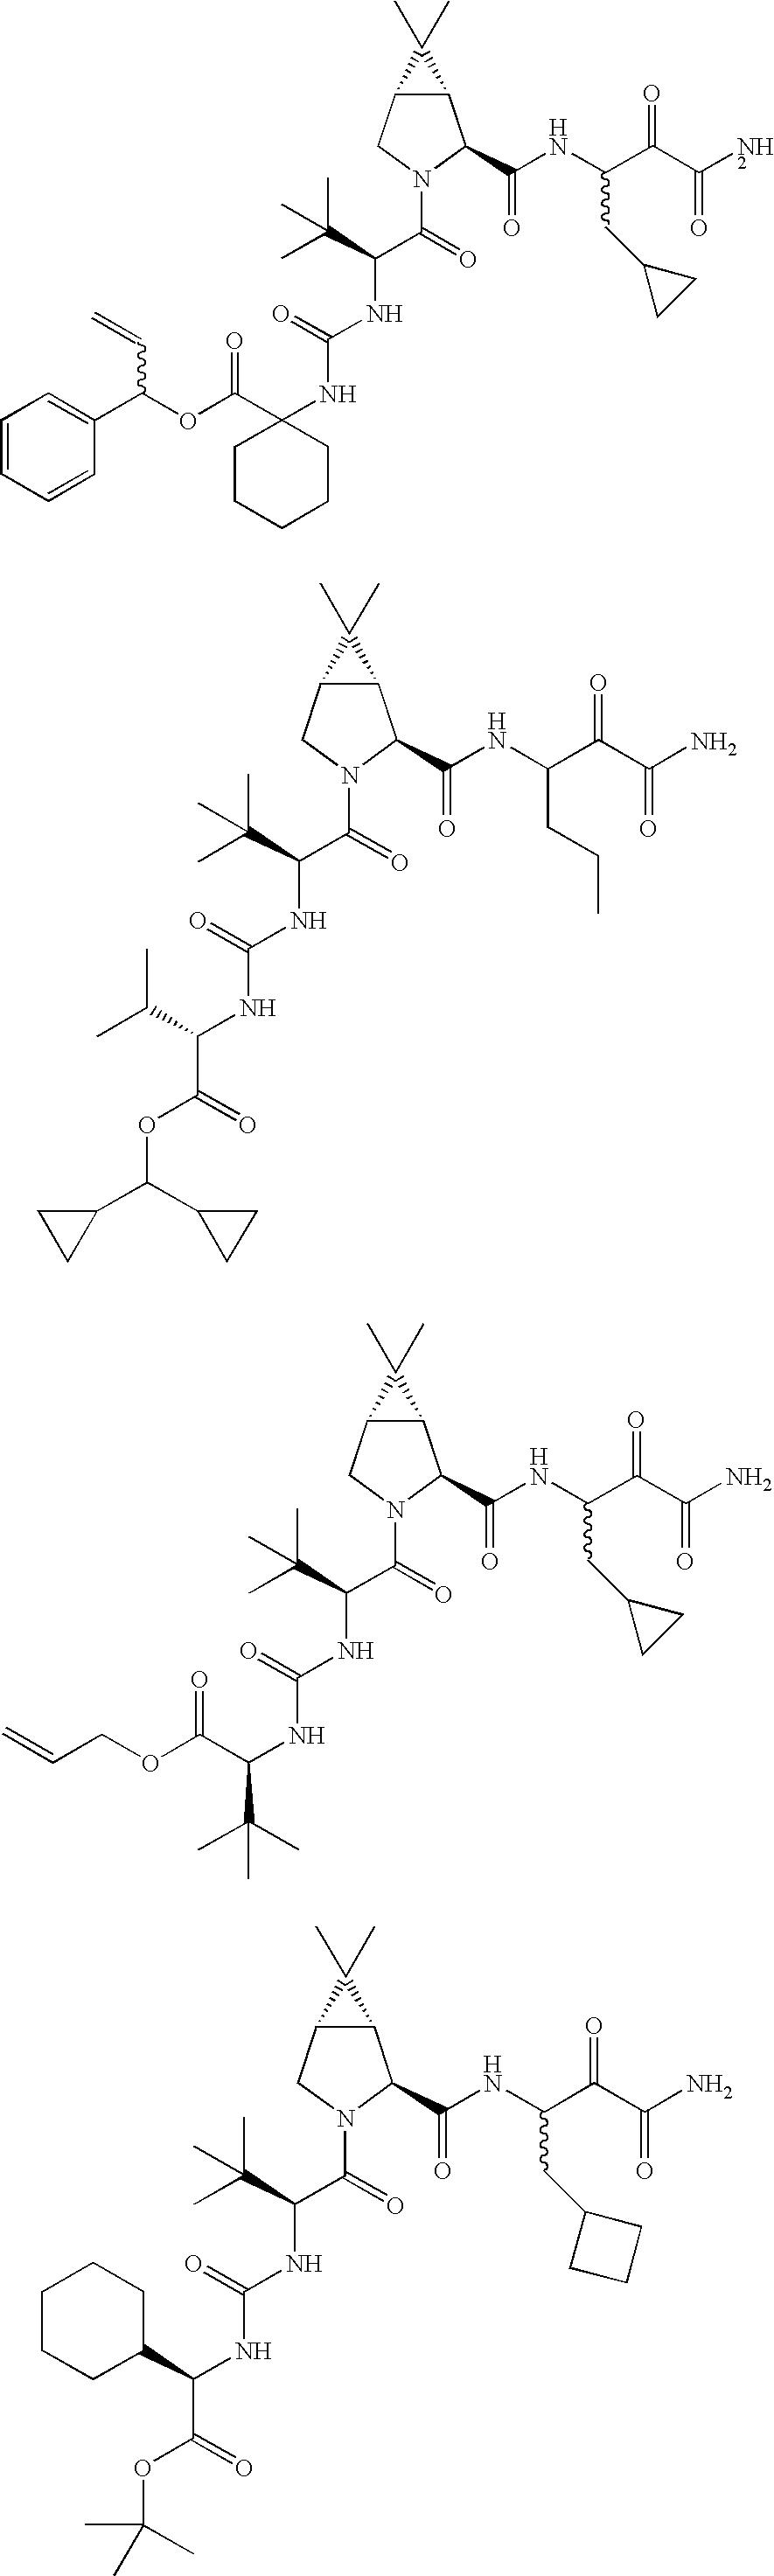 Figure US20060287248A1-20061221-C00254